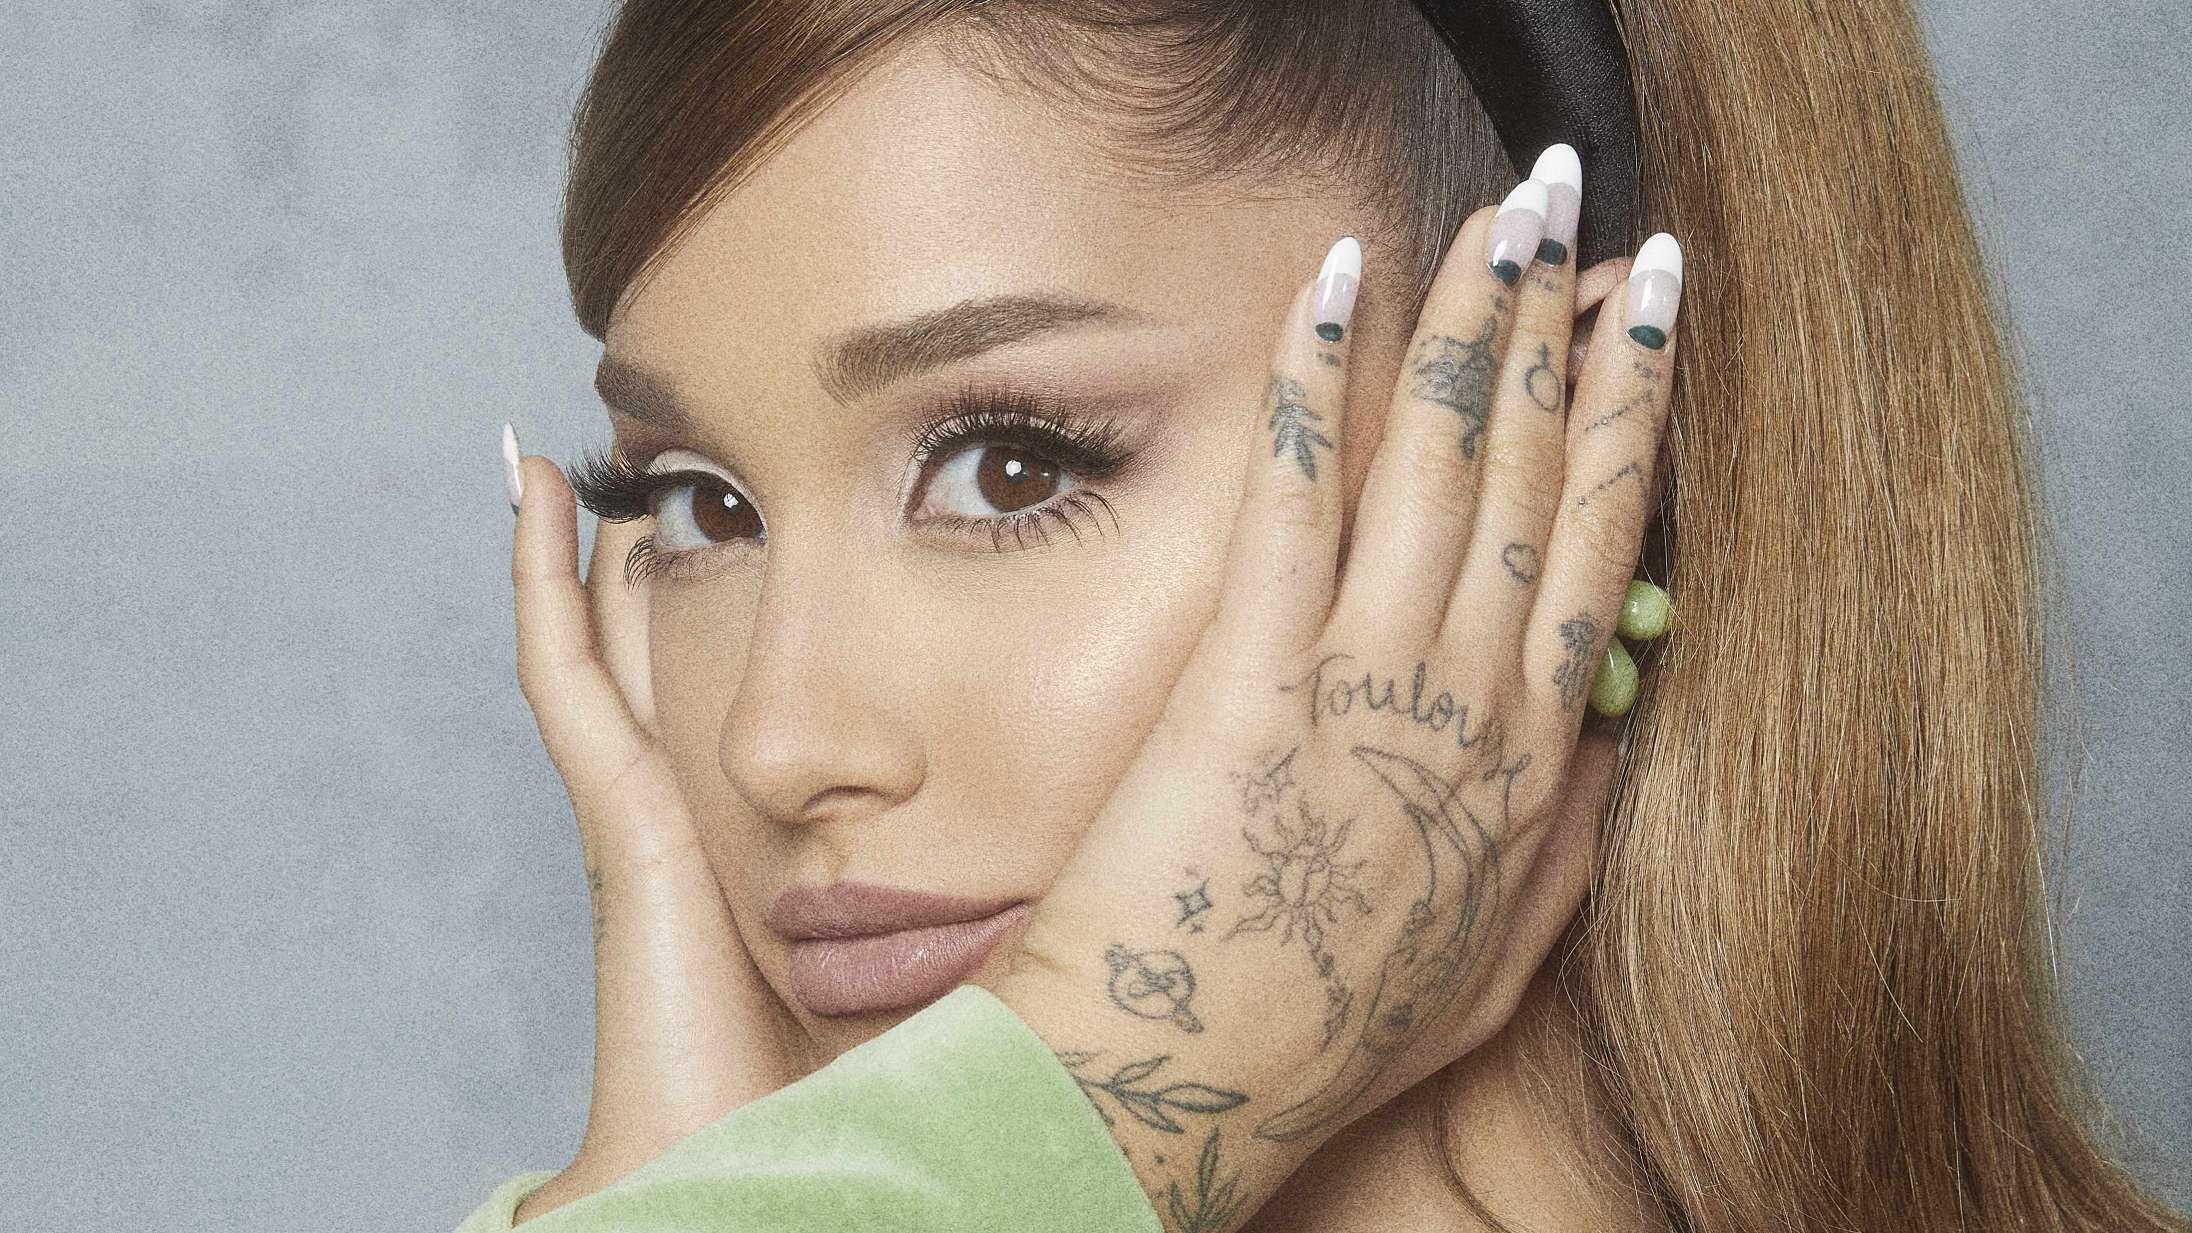 Ariana Grandes 'Positions' er en fløjlsblød r'n'b-boble, hvor verdens problemer er ude af syne